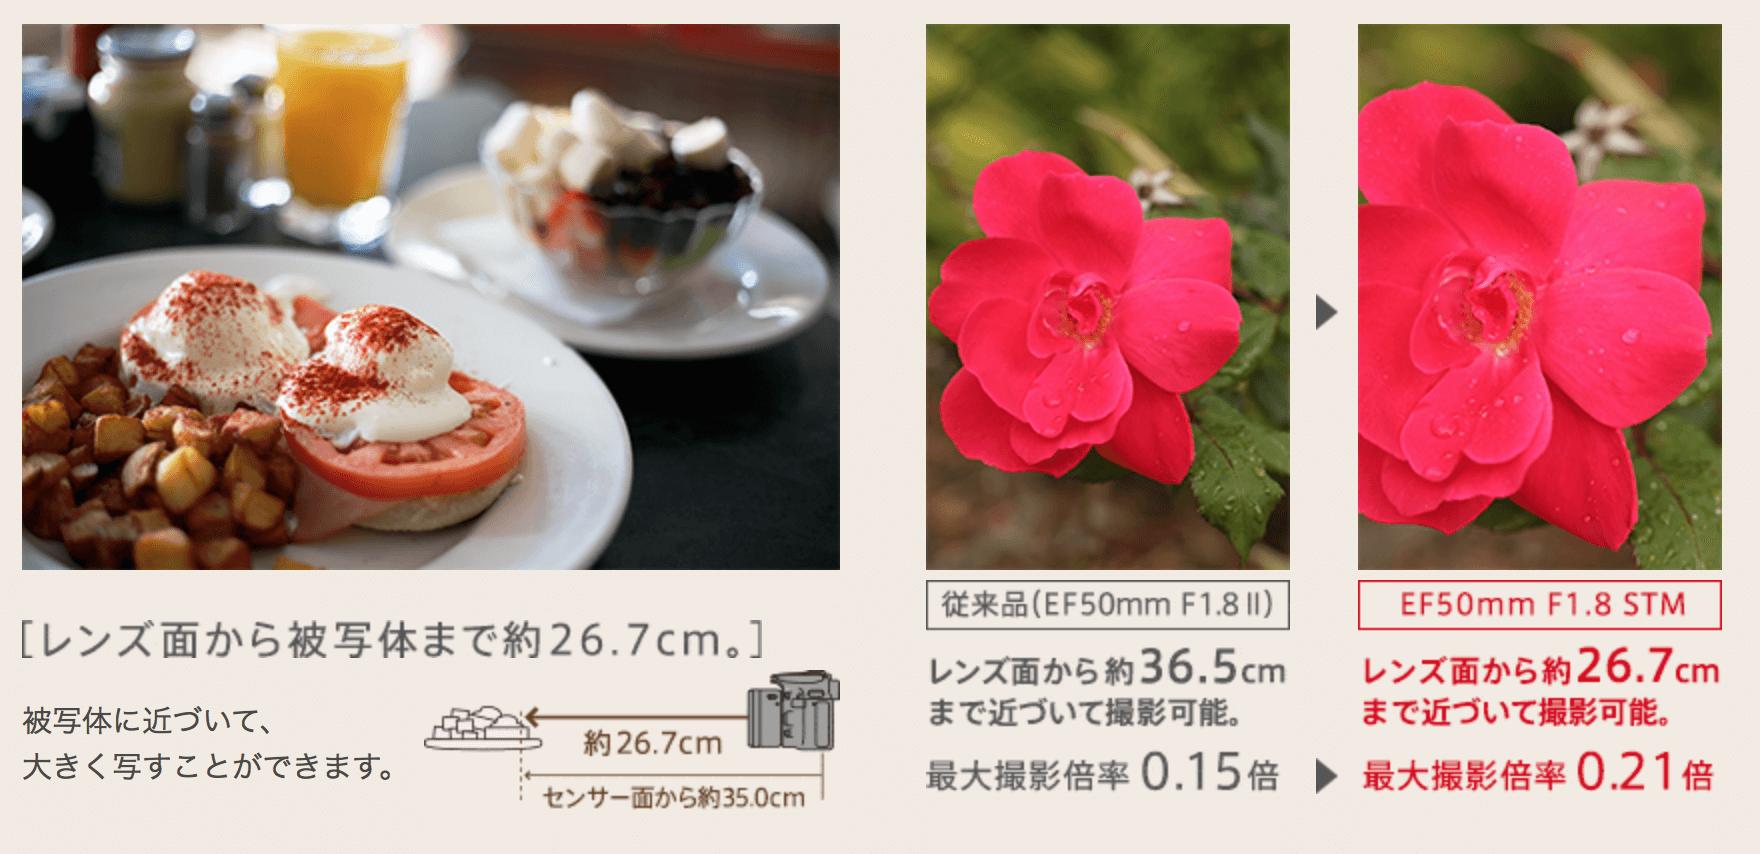 スクリーンショット 2015-05-11 23.49.44